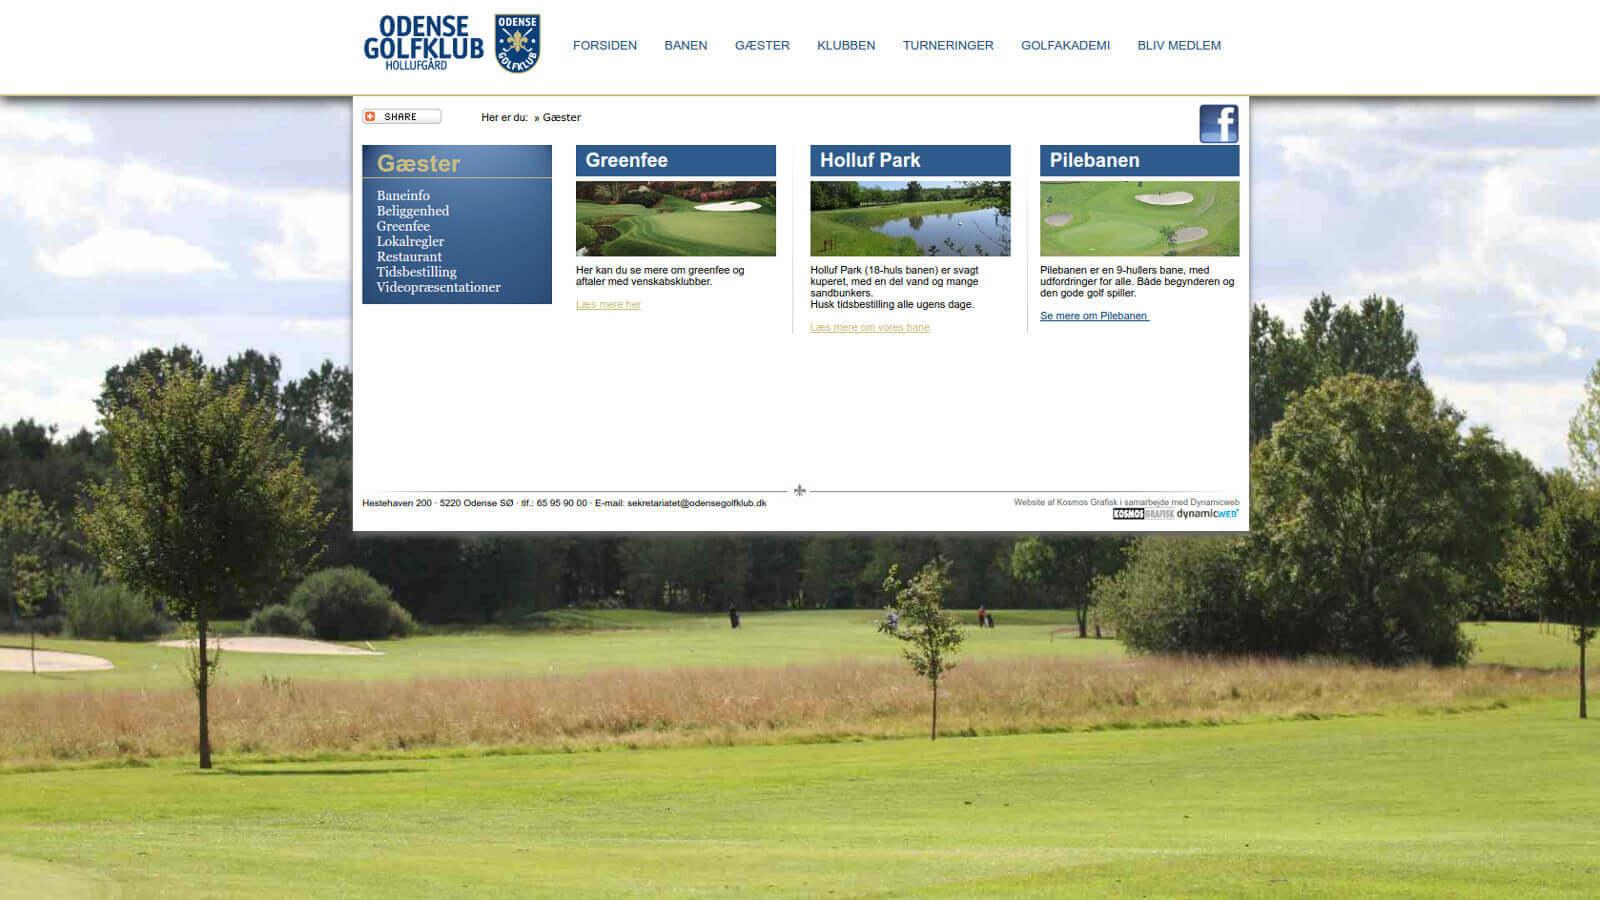 Skjermdump fra hjemmesiden til Odense Golfklub